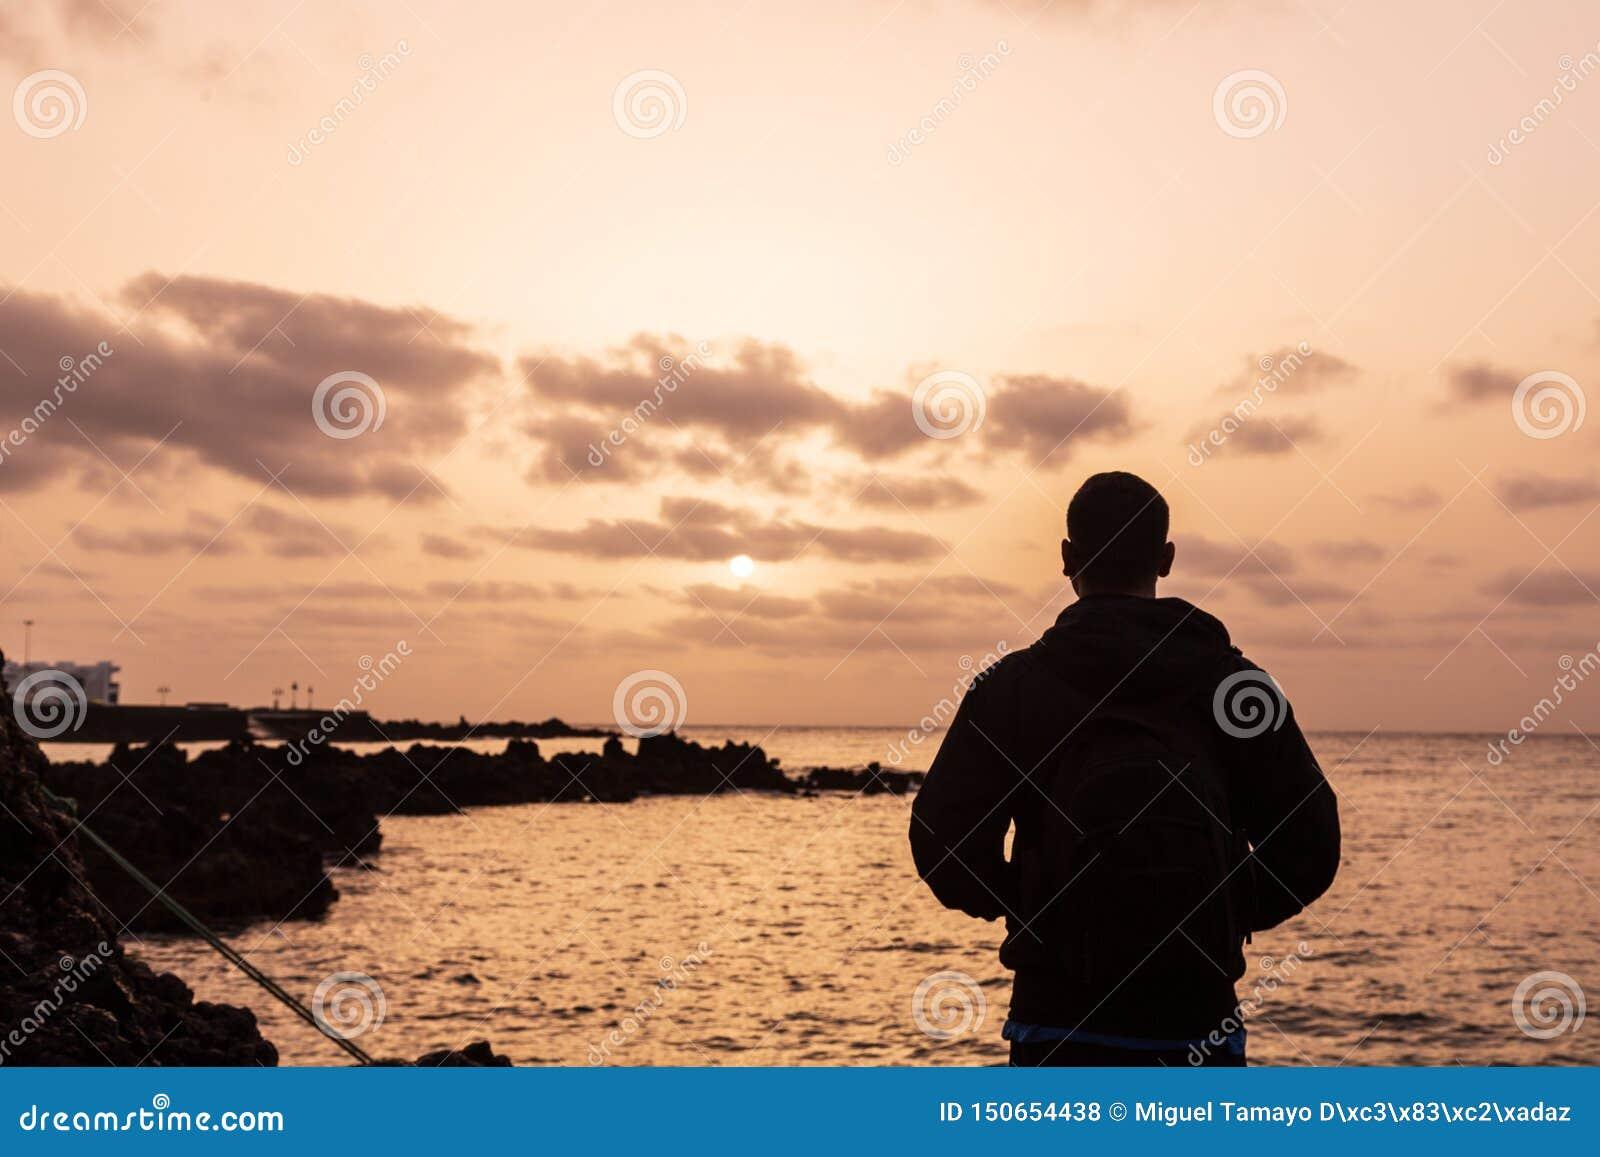 Silueta de un muchacho joven en la puesta del sol, mirando el sol en Lanzarote, islas Canarias